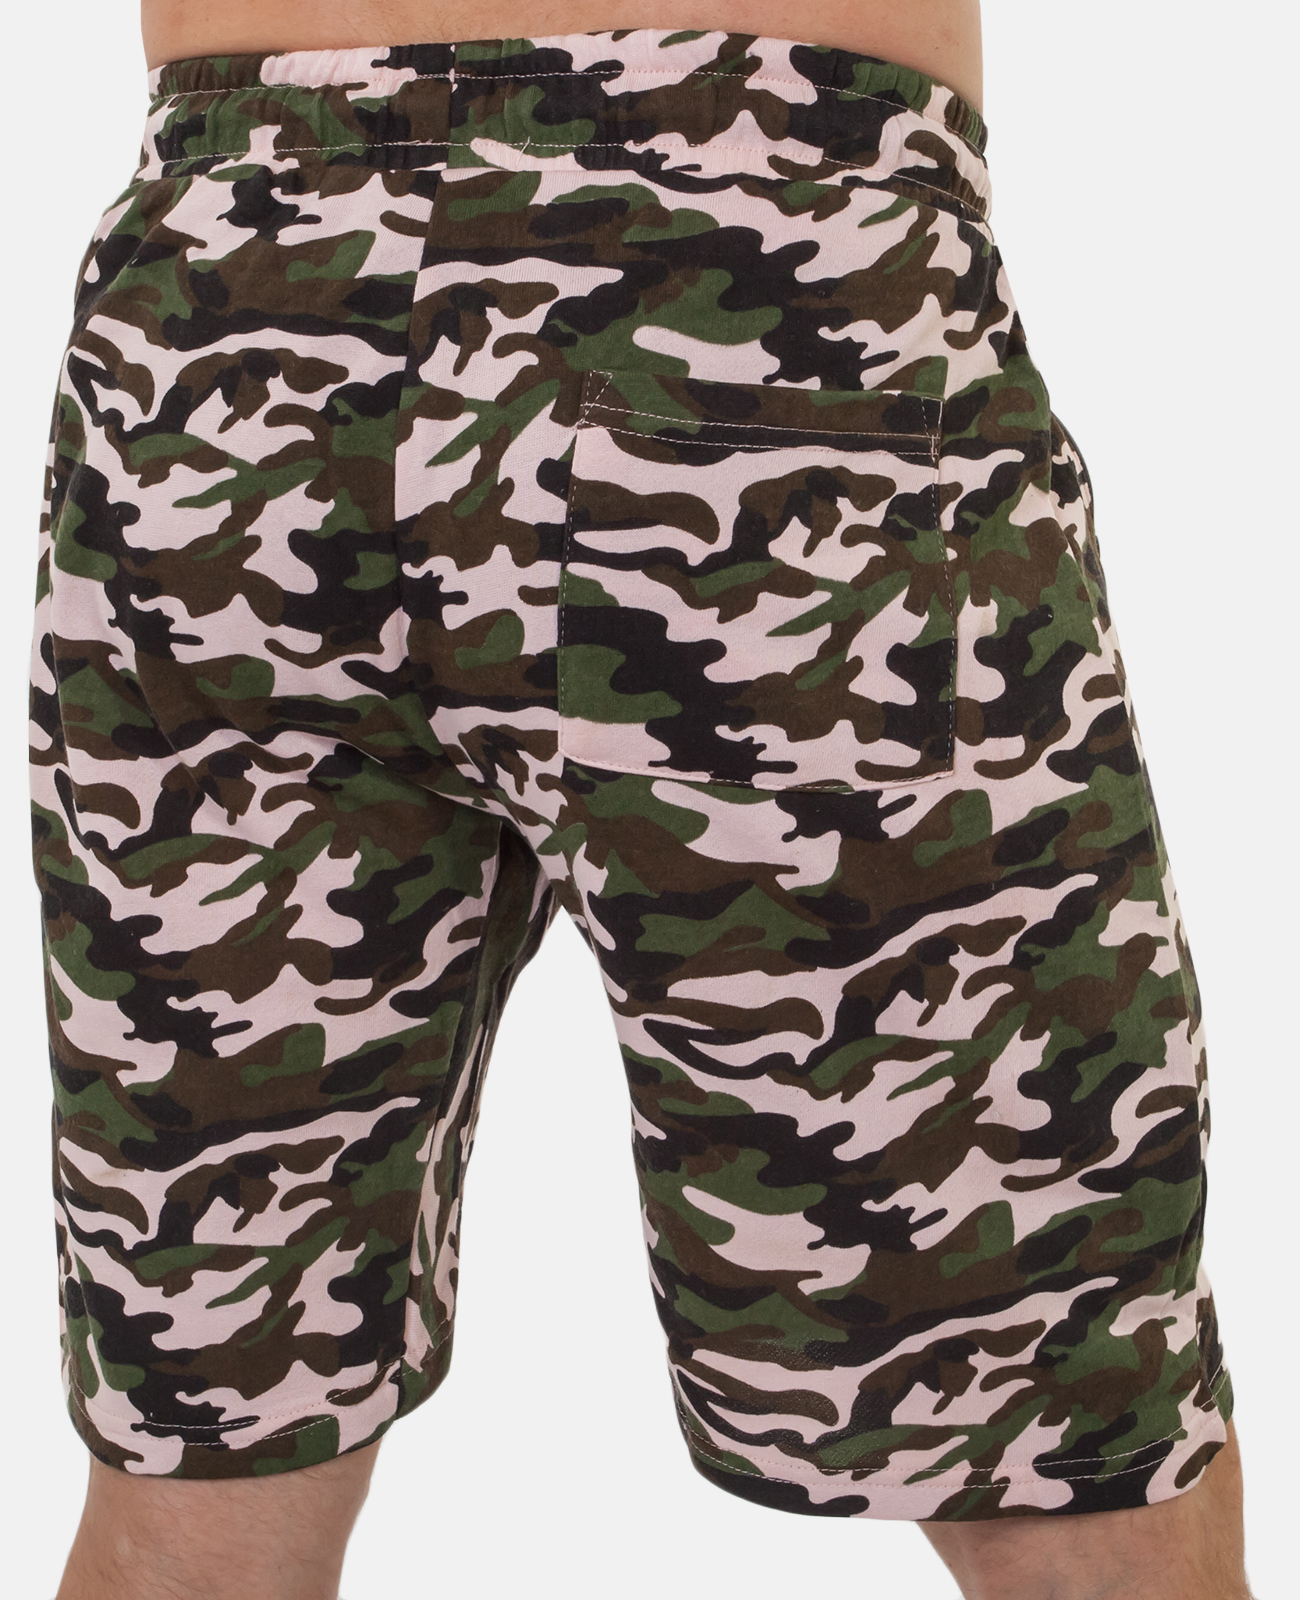 Комфортные надежные шорты с нашивкой ФСО - заказать онлайн